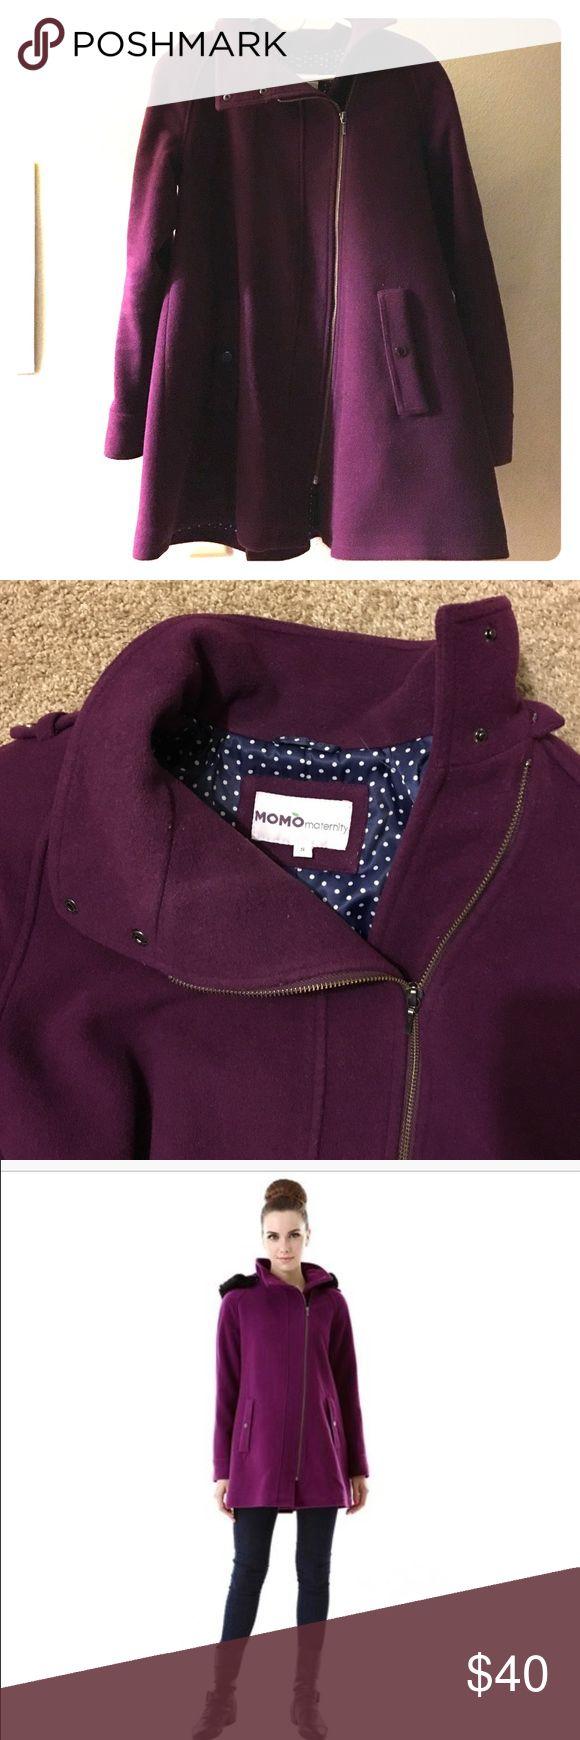 Spotted while shopping on Poshmark: Maternity wool coat! #poshmark #fashion #shopping #style #Momo Maternity #Jackets & Blazers